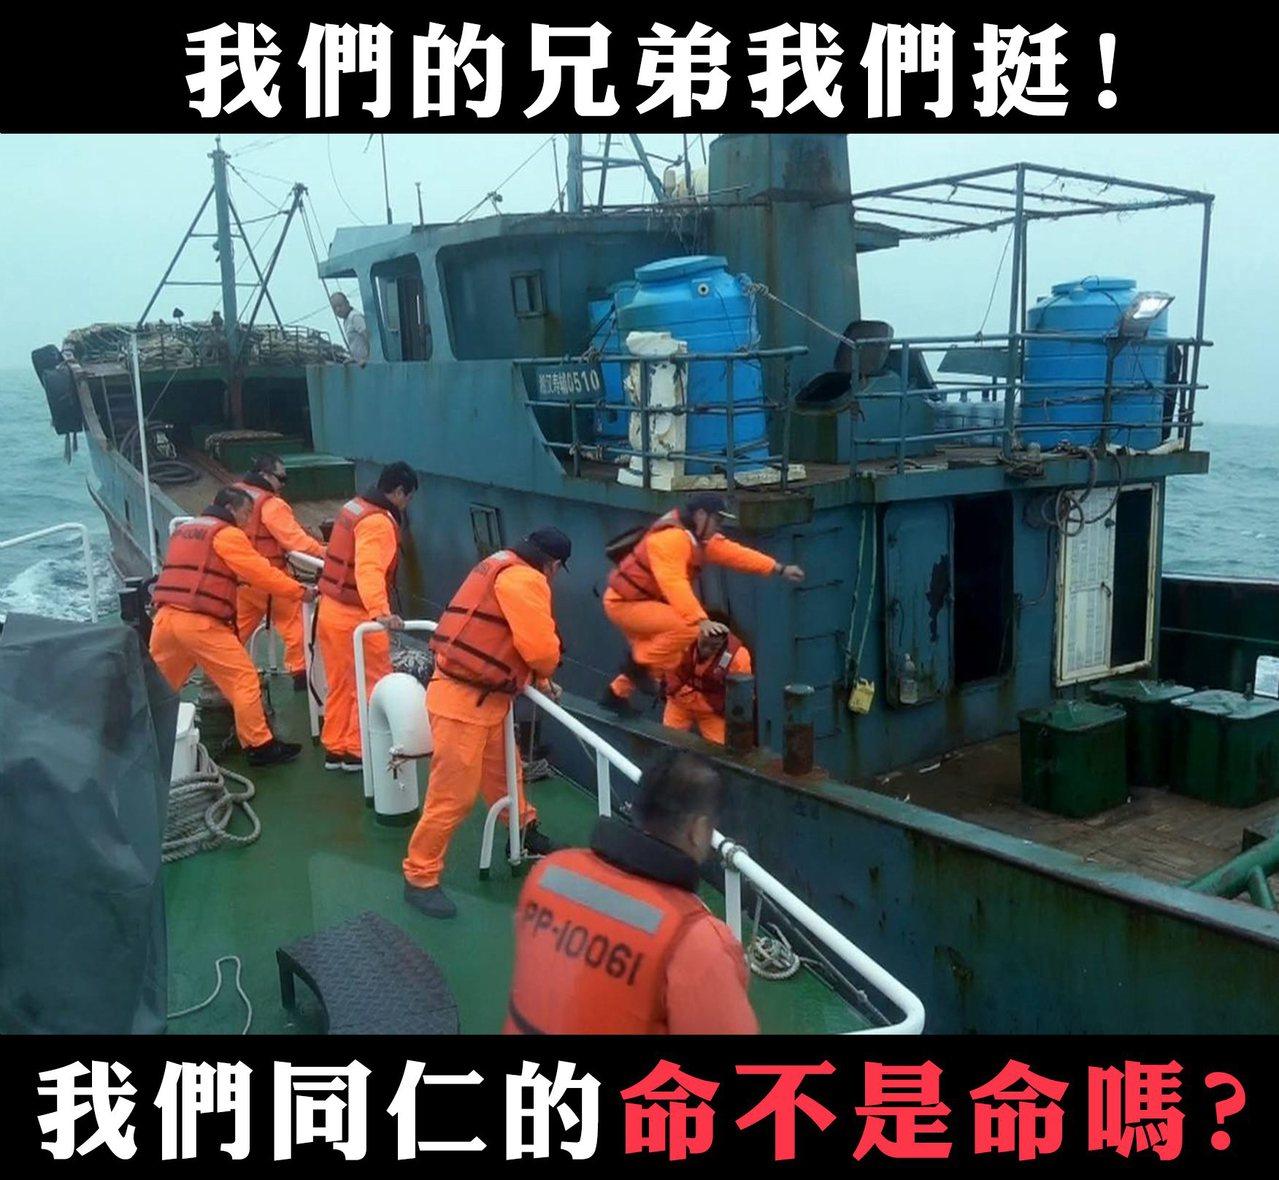 圖/擷取自海洋委員會臉書